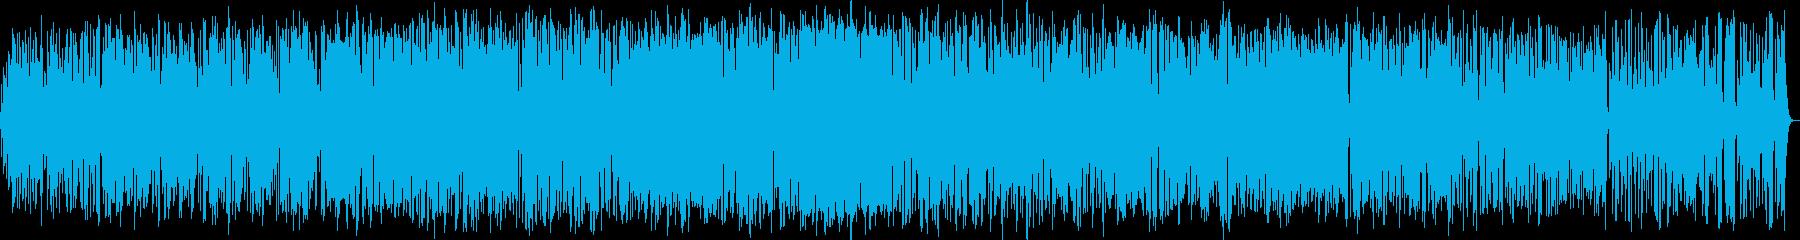 ピュアジャズライブコンサート。カル...の再生済みの波形